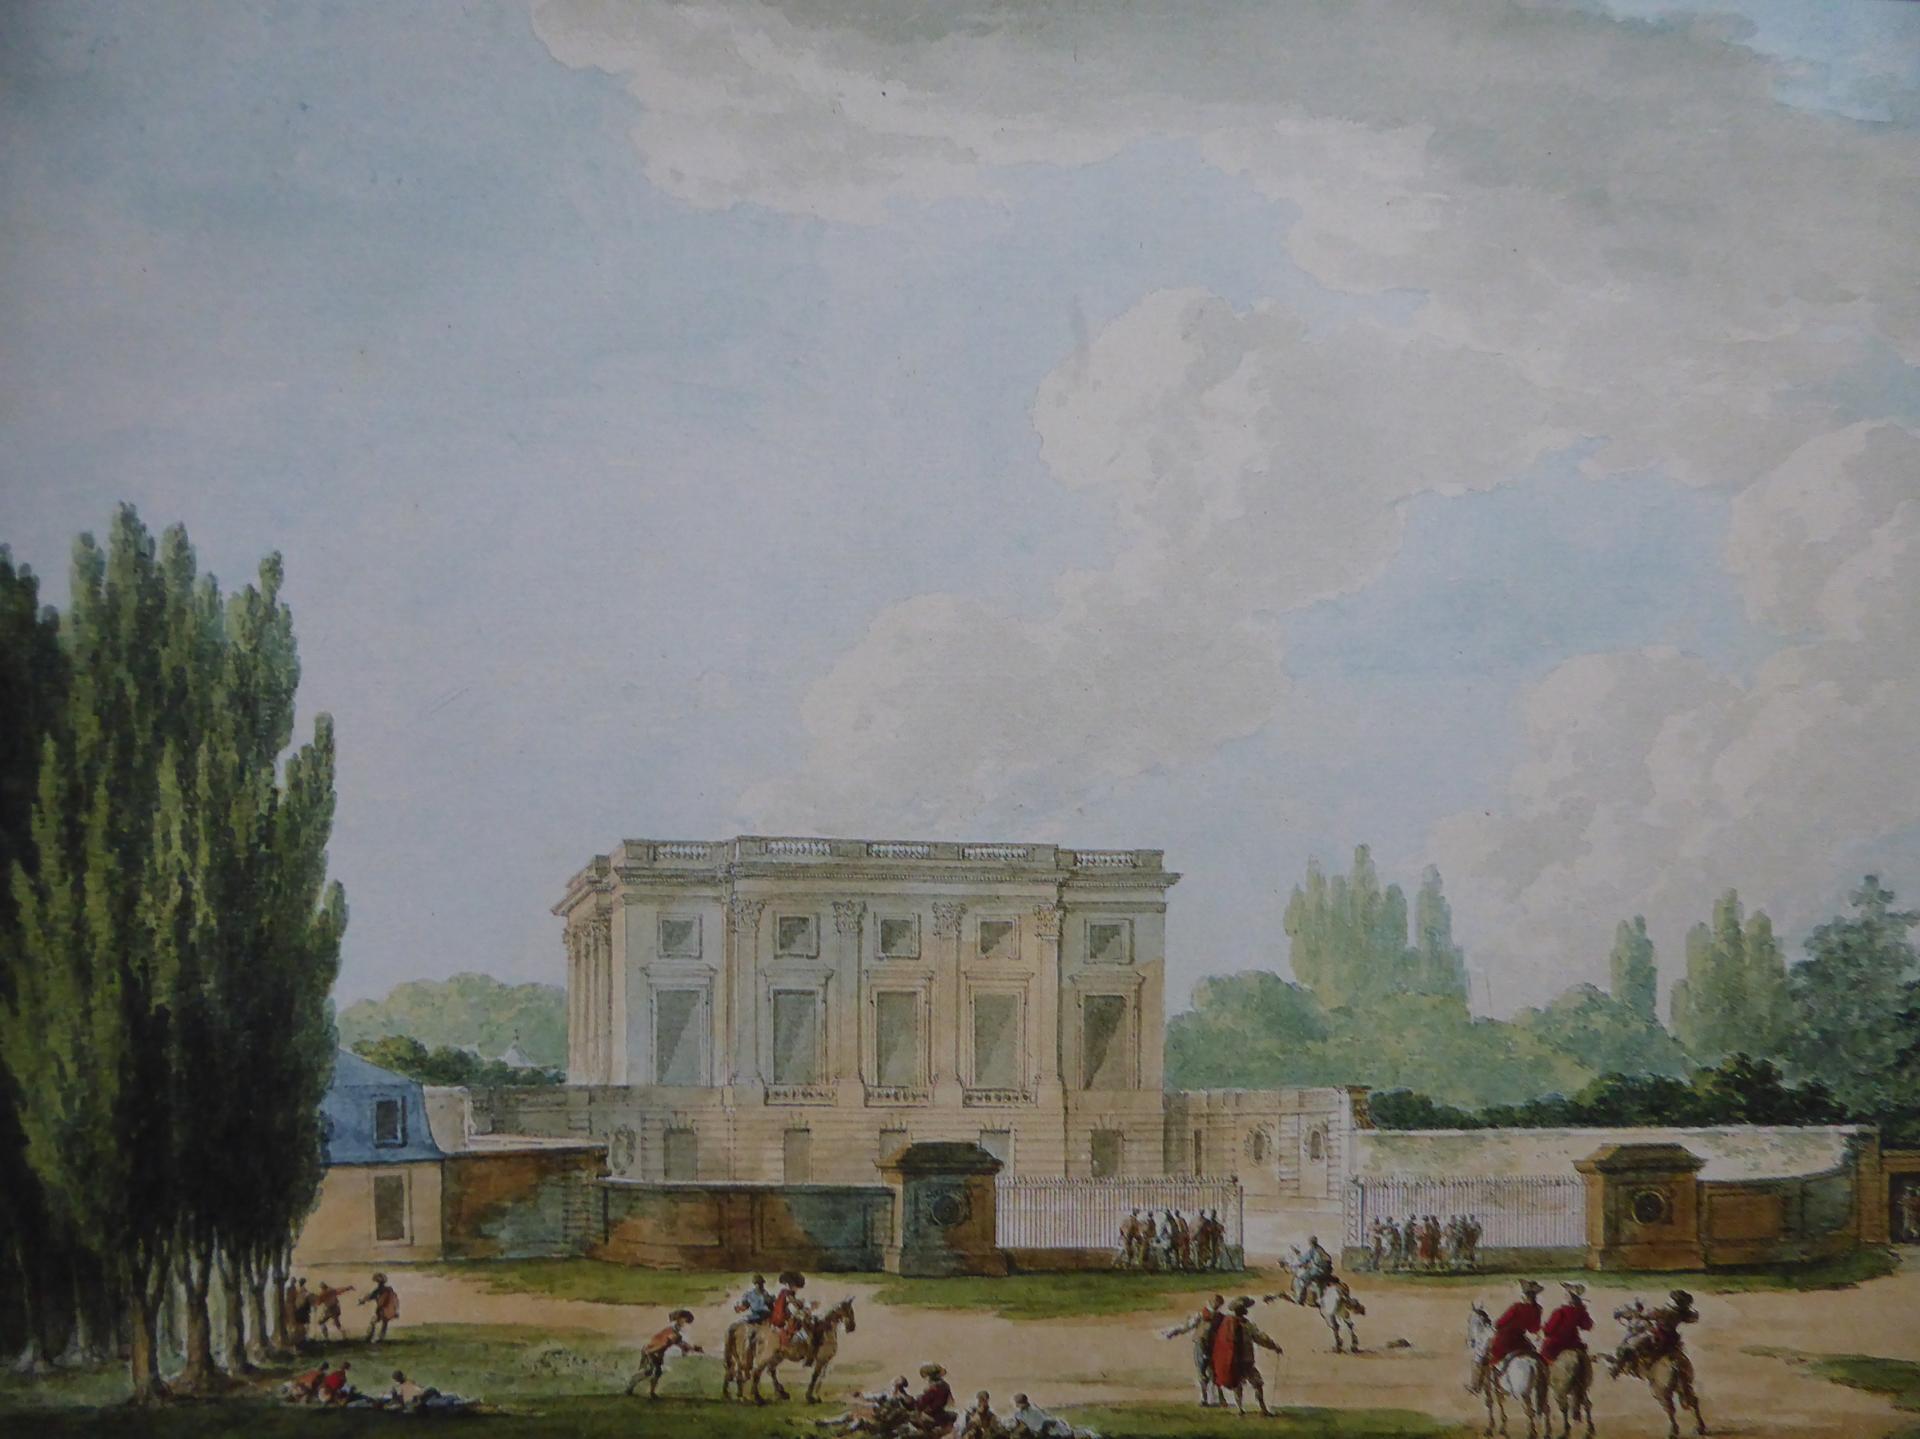 Claude-Louis Châtelet, Le Petit Trianon du côté de l'allée centrale, 1784, Parme